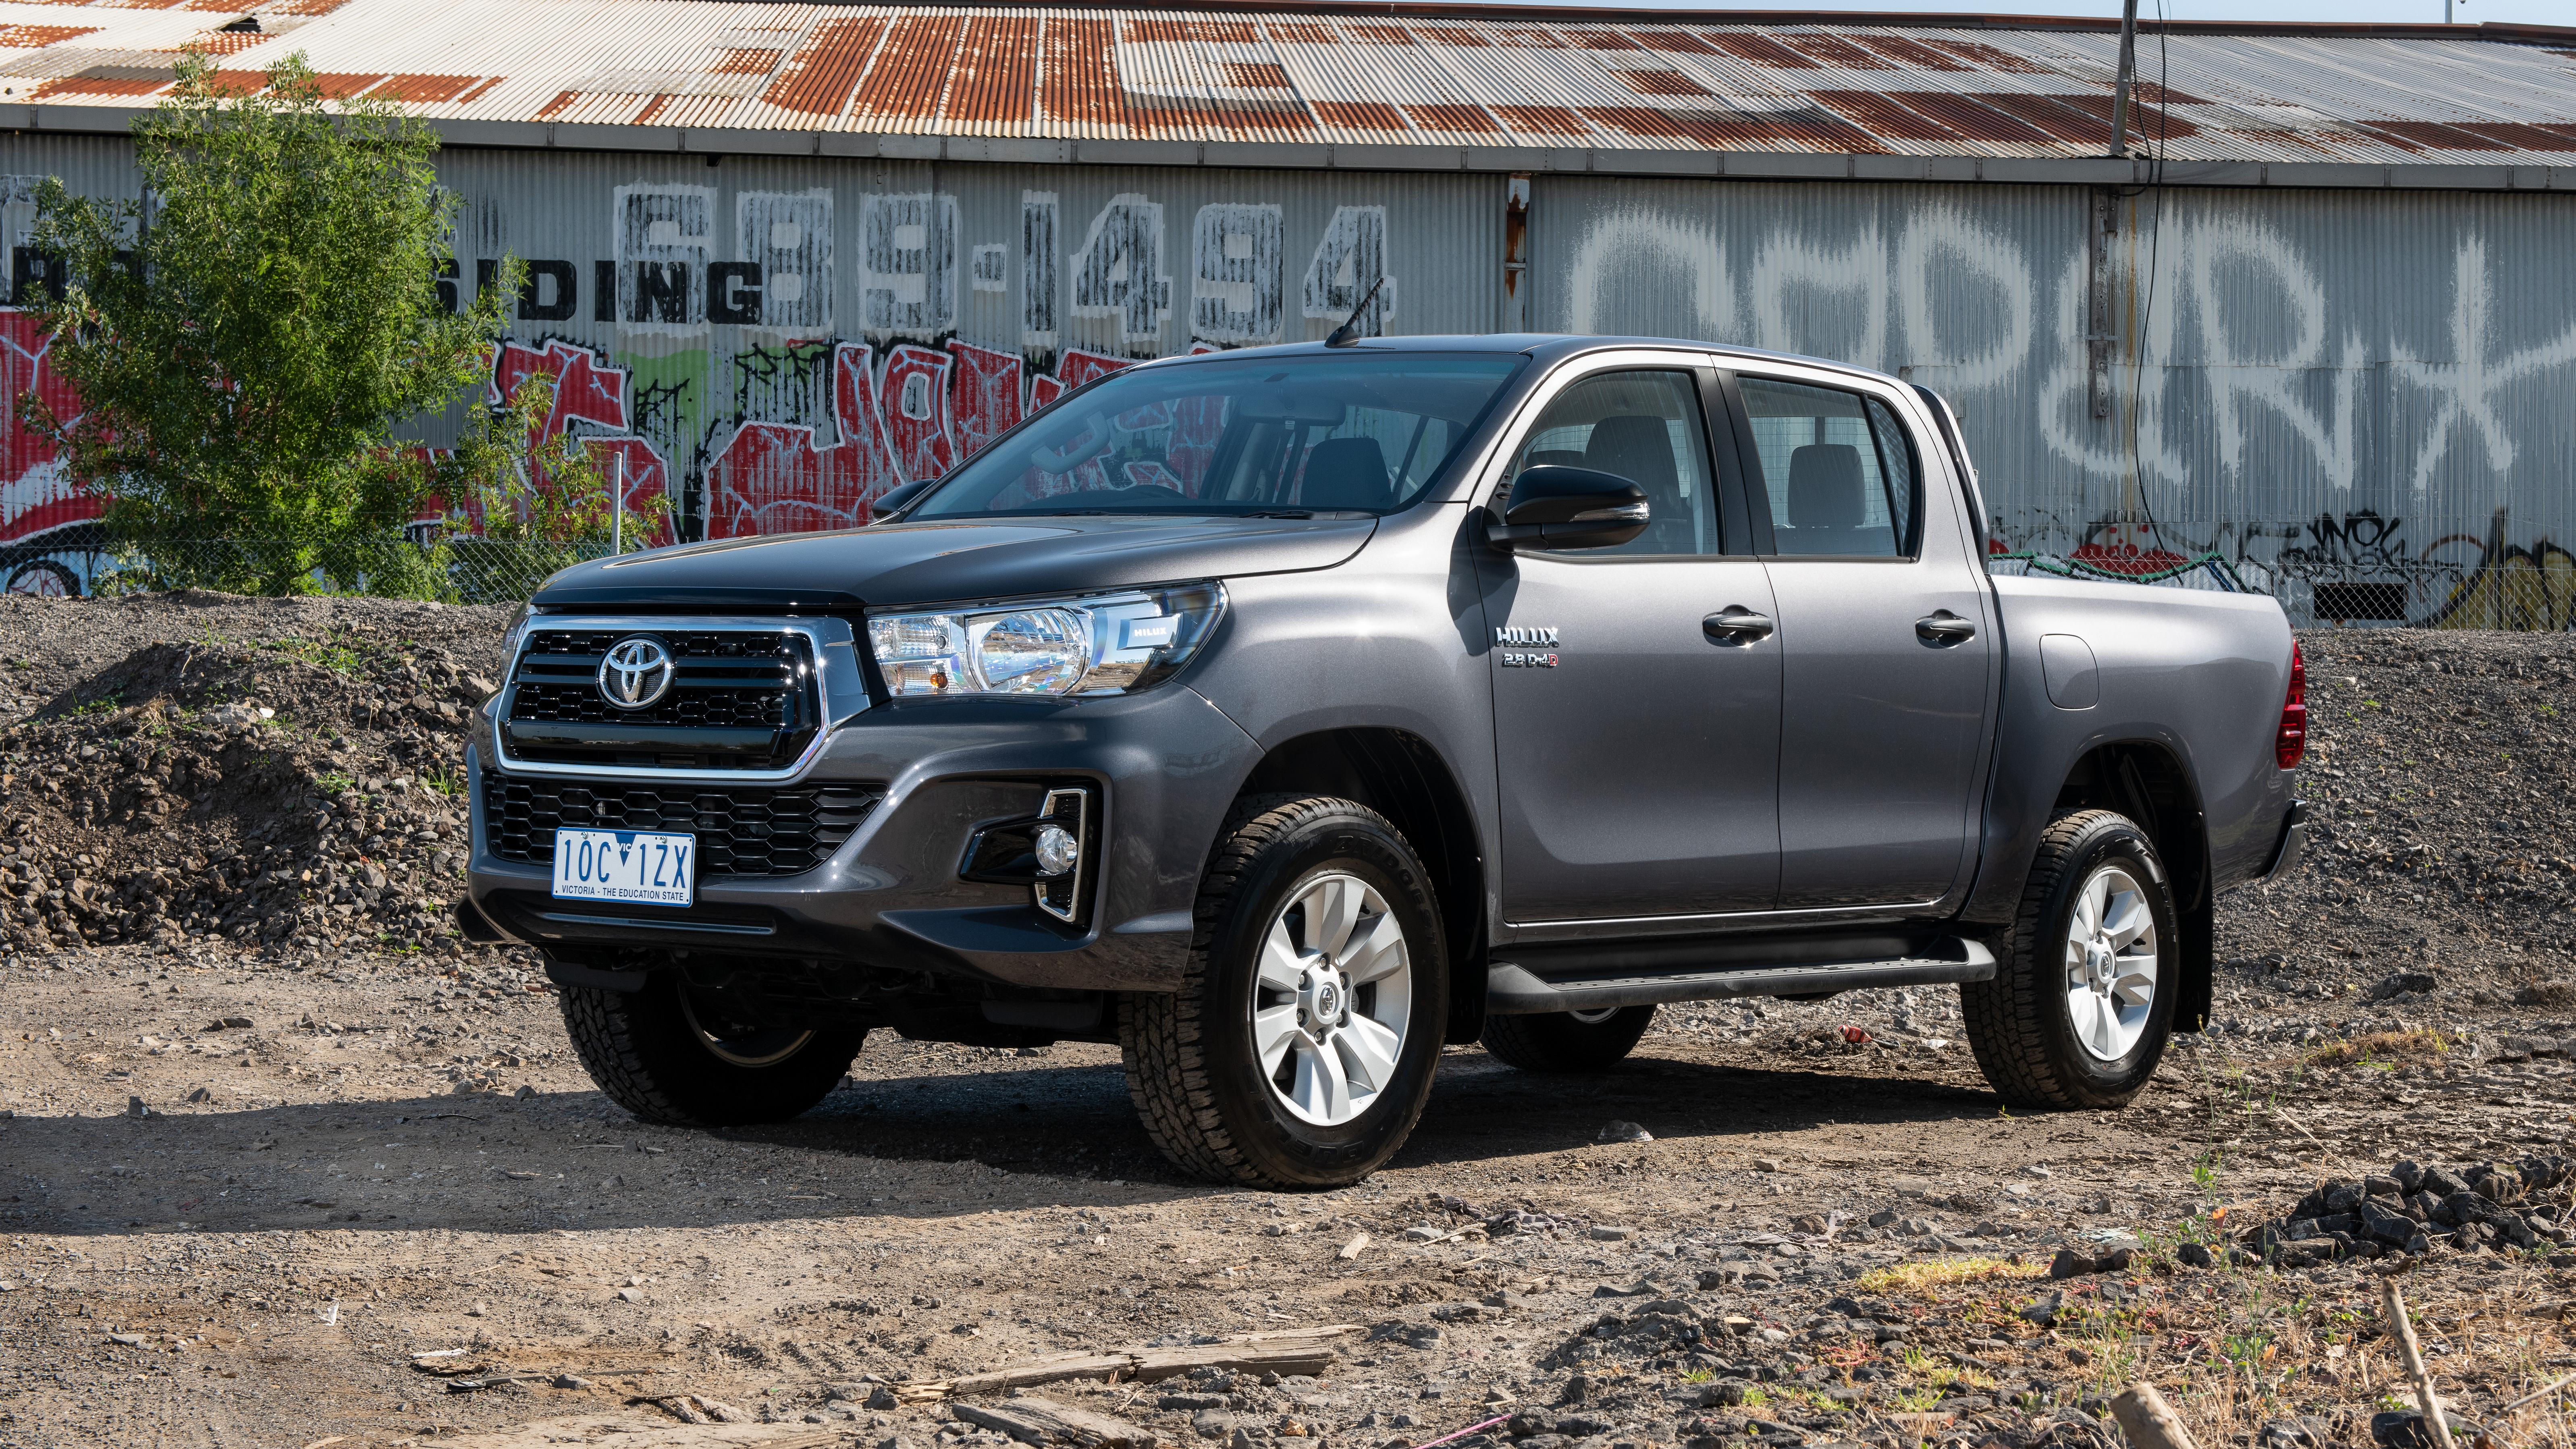 Kelebihan Kekurangan Toyota Hilux 2019 Murah Berkualitas